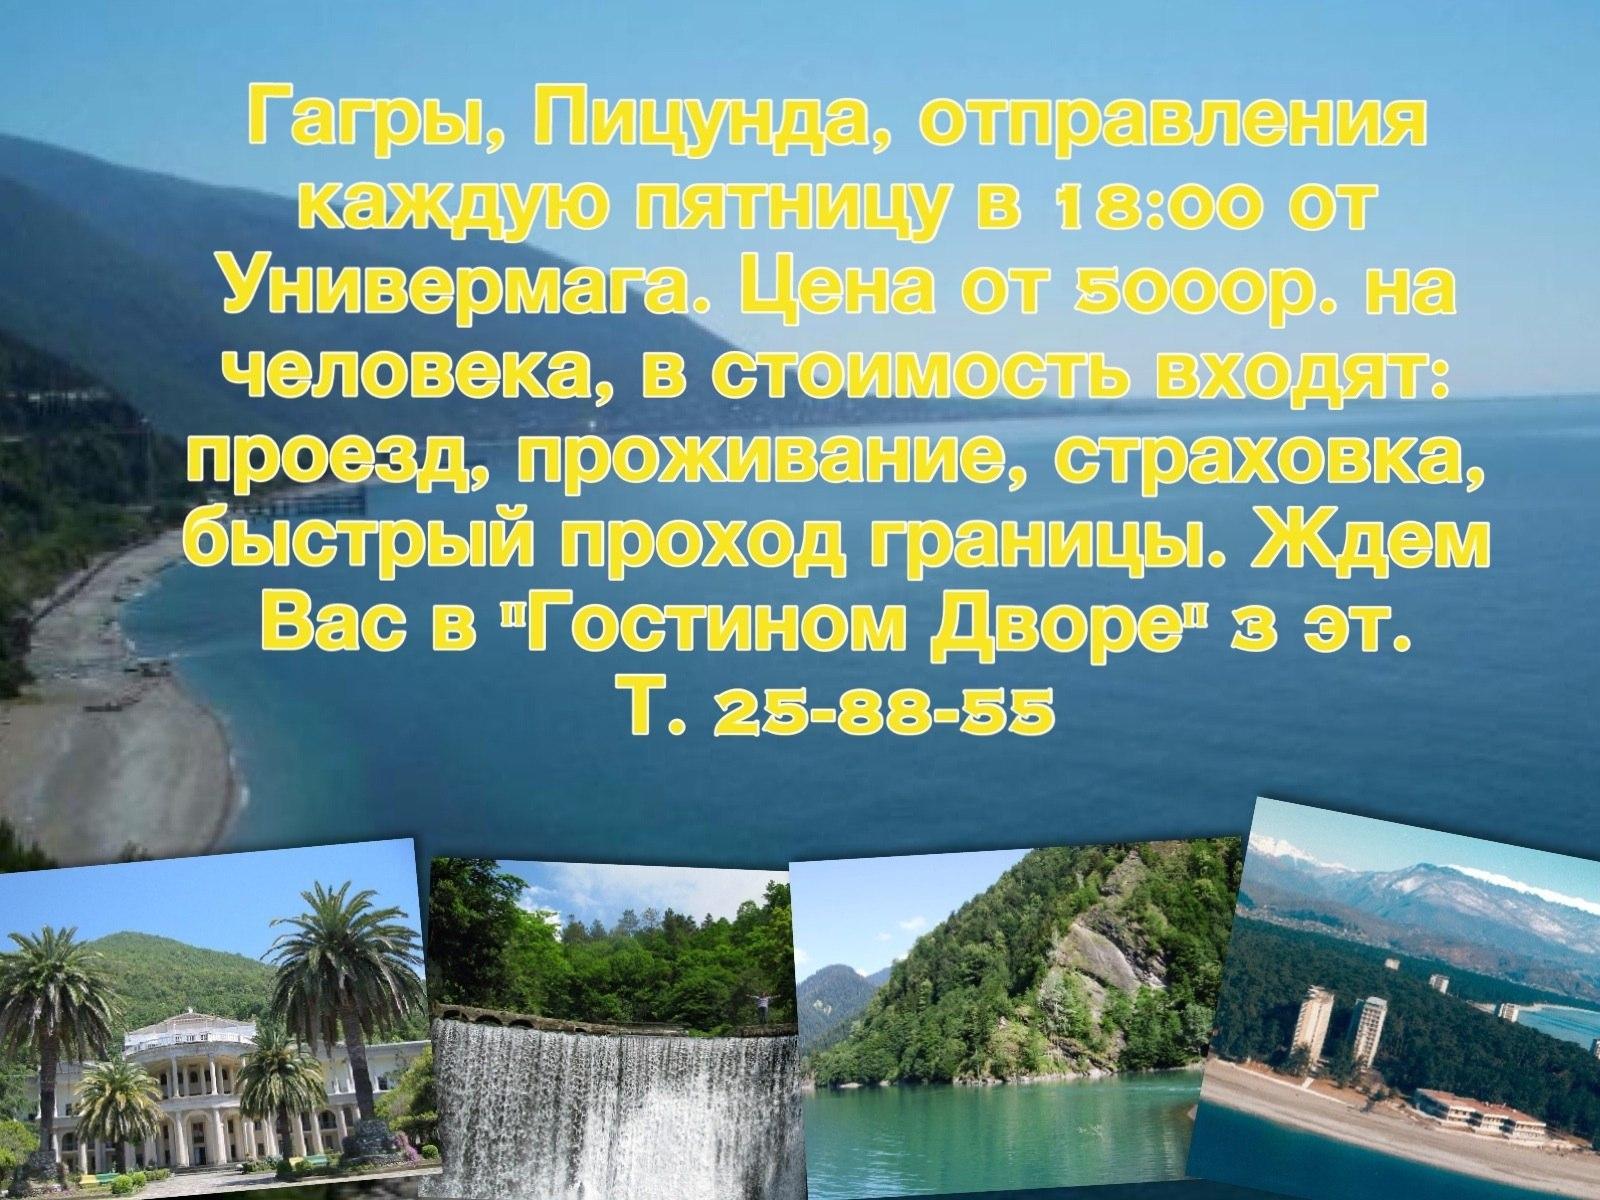 http://cs421230.vk.me/v421230668/5e1c/JW2hOkYbuRw.jpg